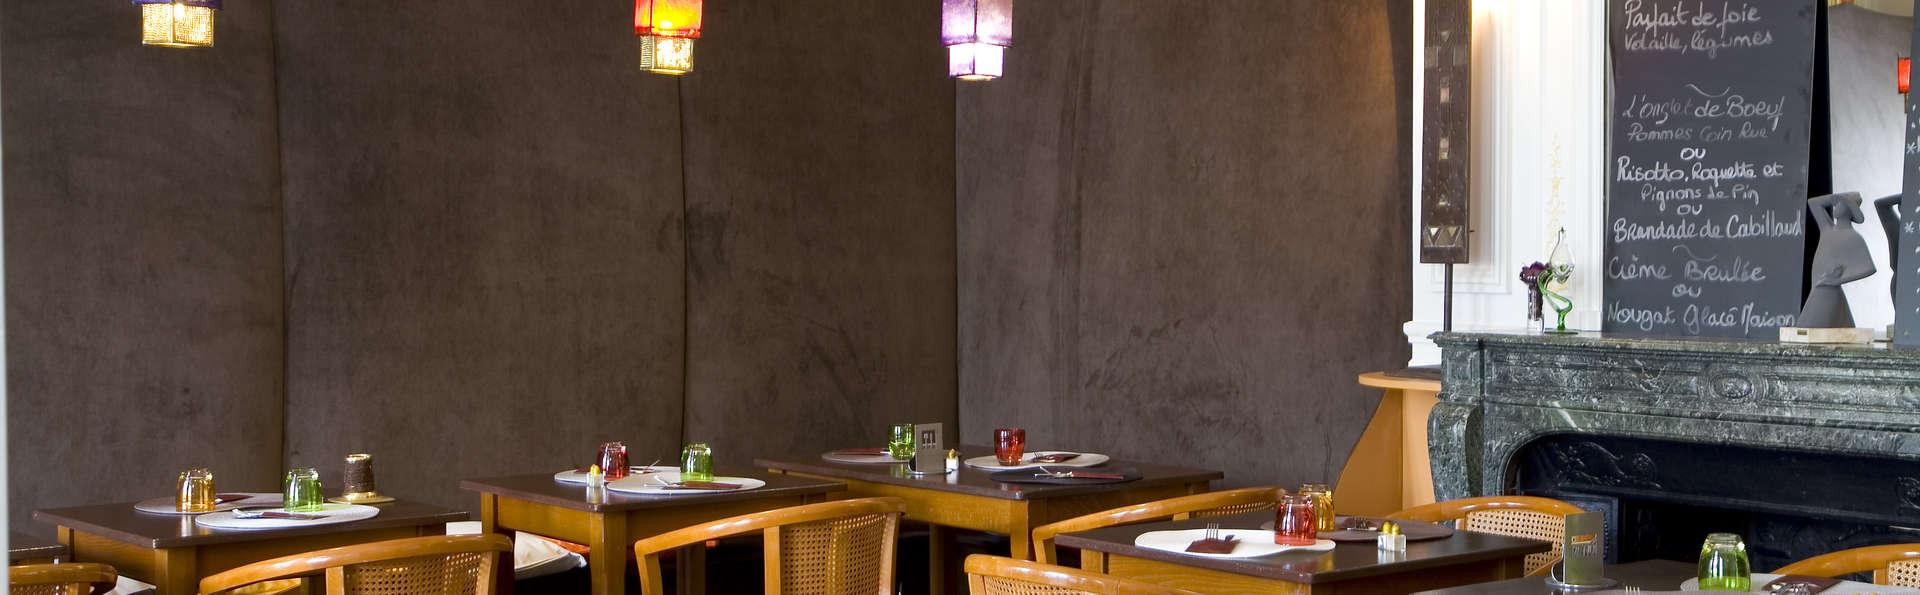 Hôtel Restaurant La Gourmandine - Salle de petit déjeuner